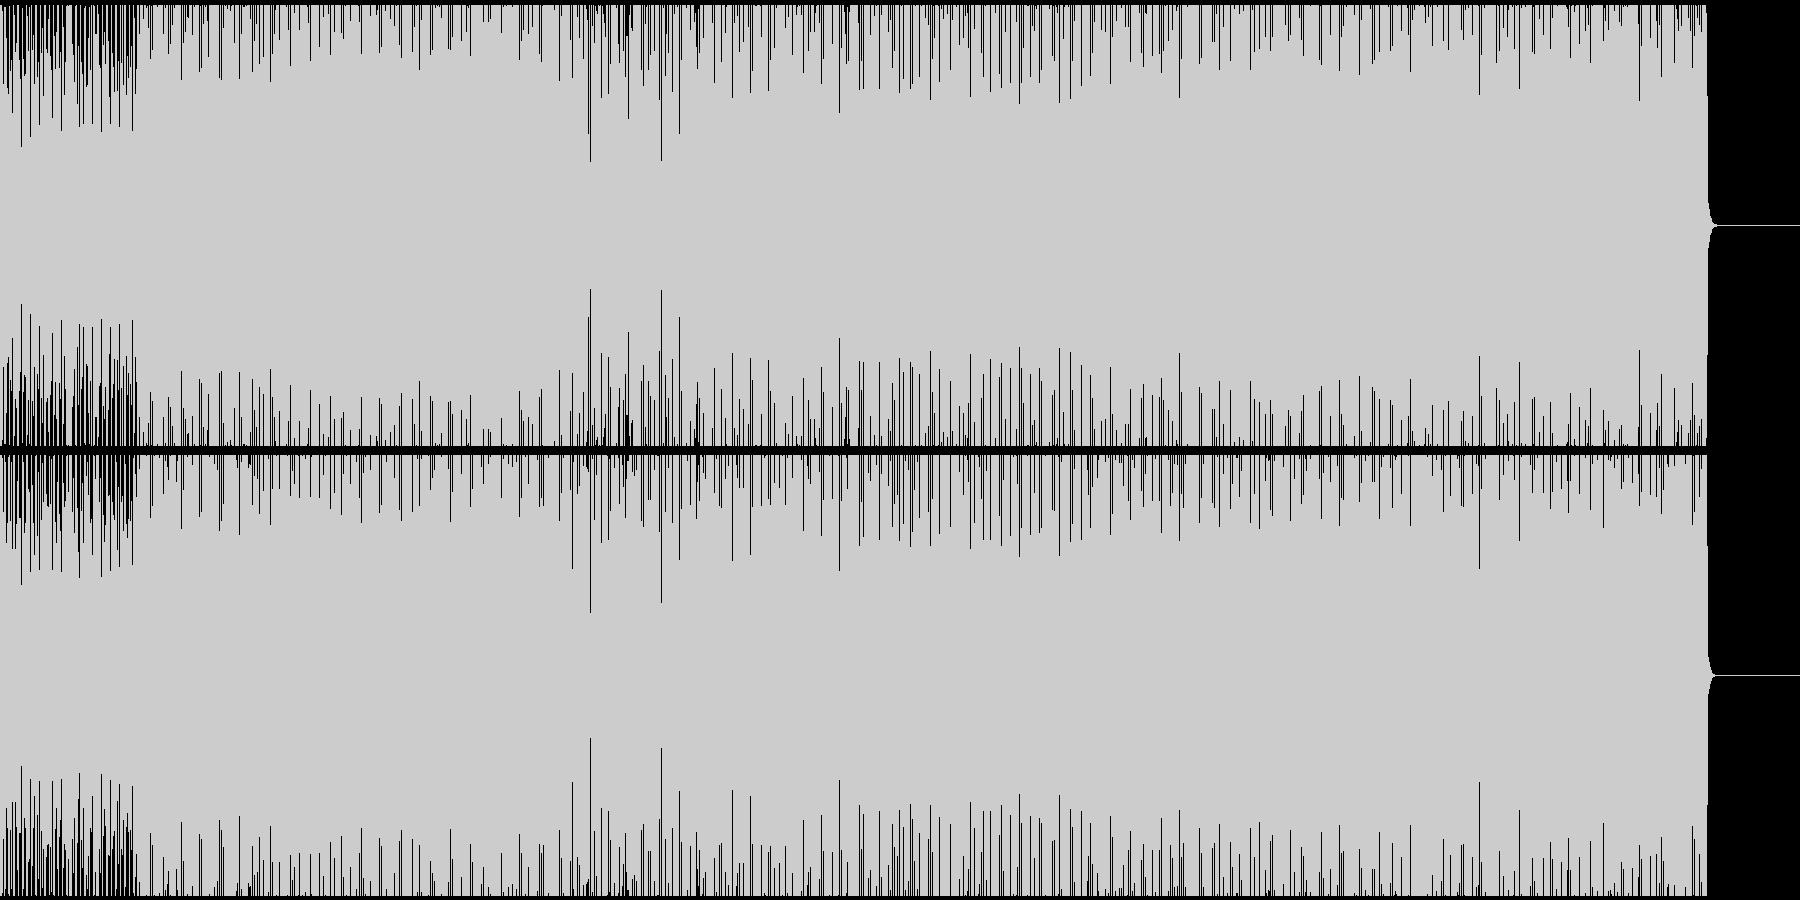 イビザ系明るめのエレクトリック・ハウスの未再生の波形